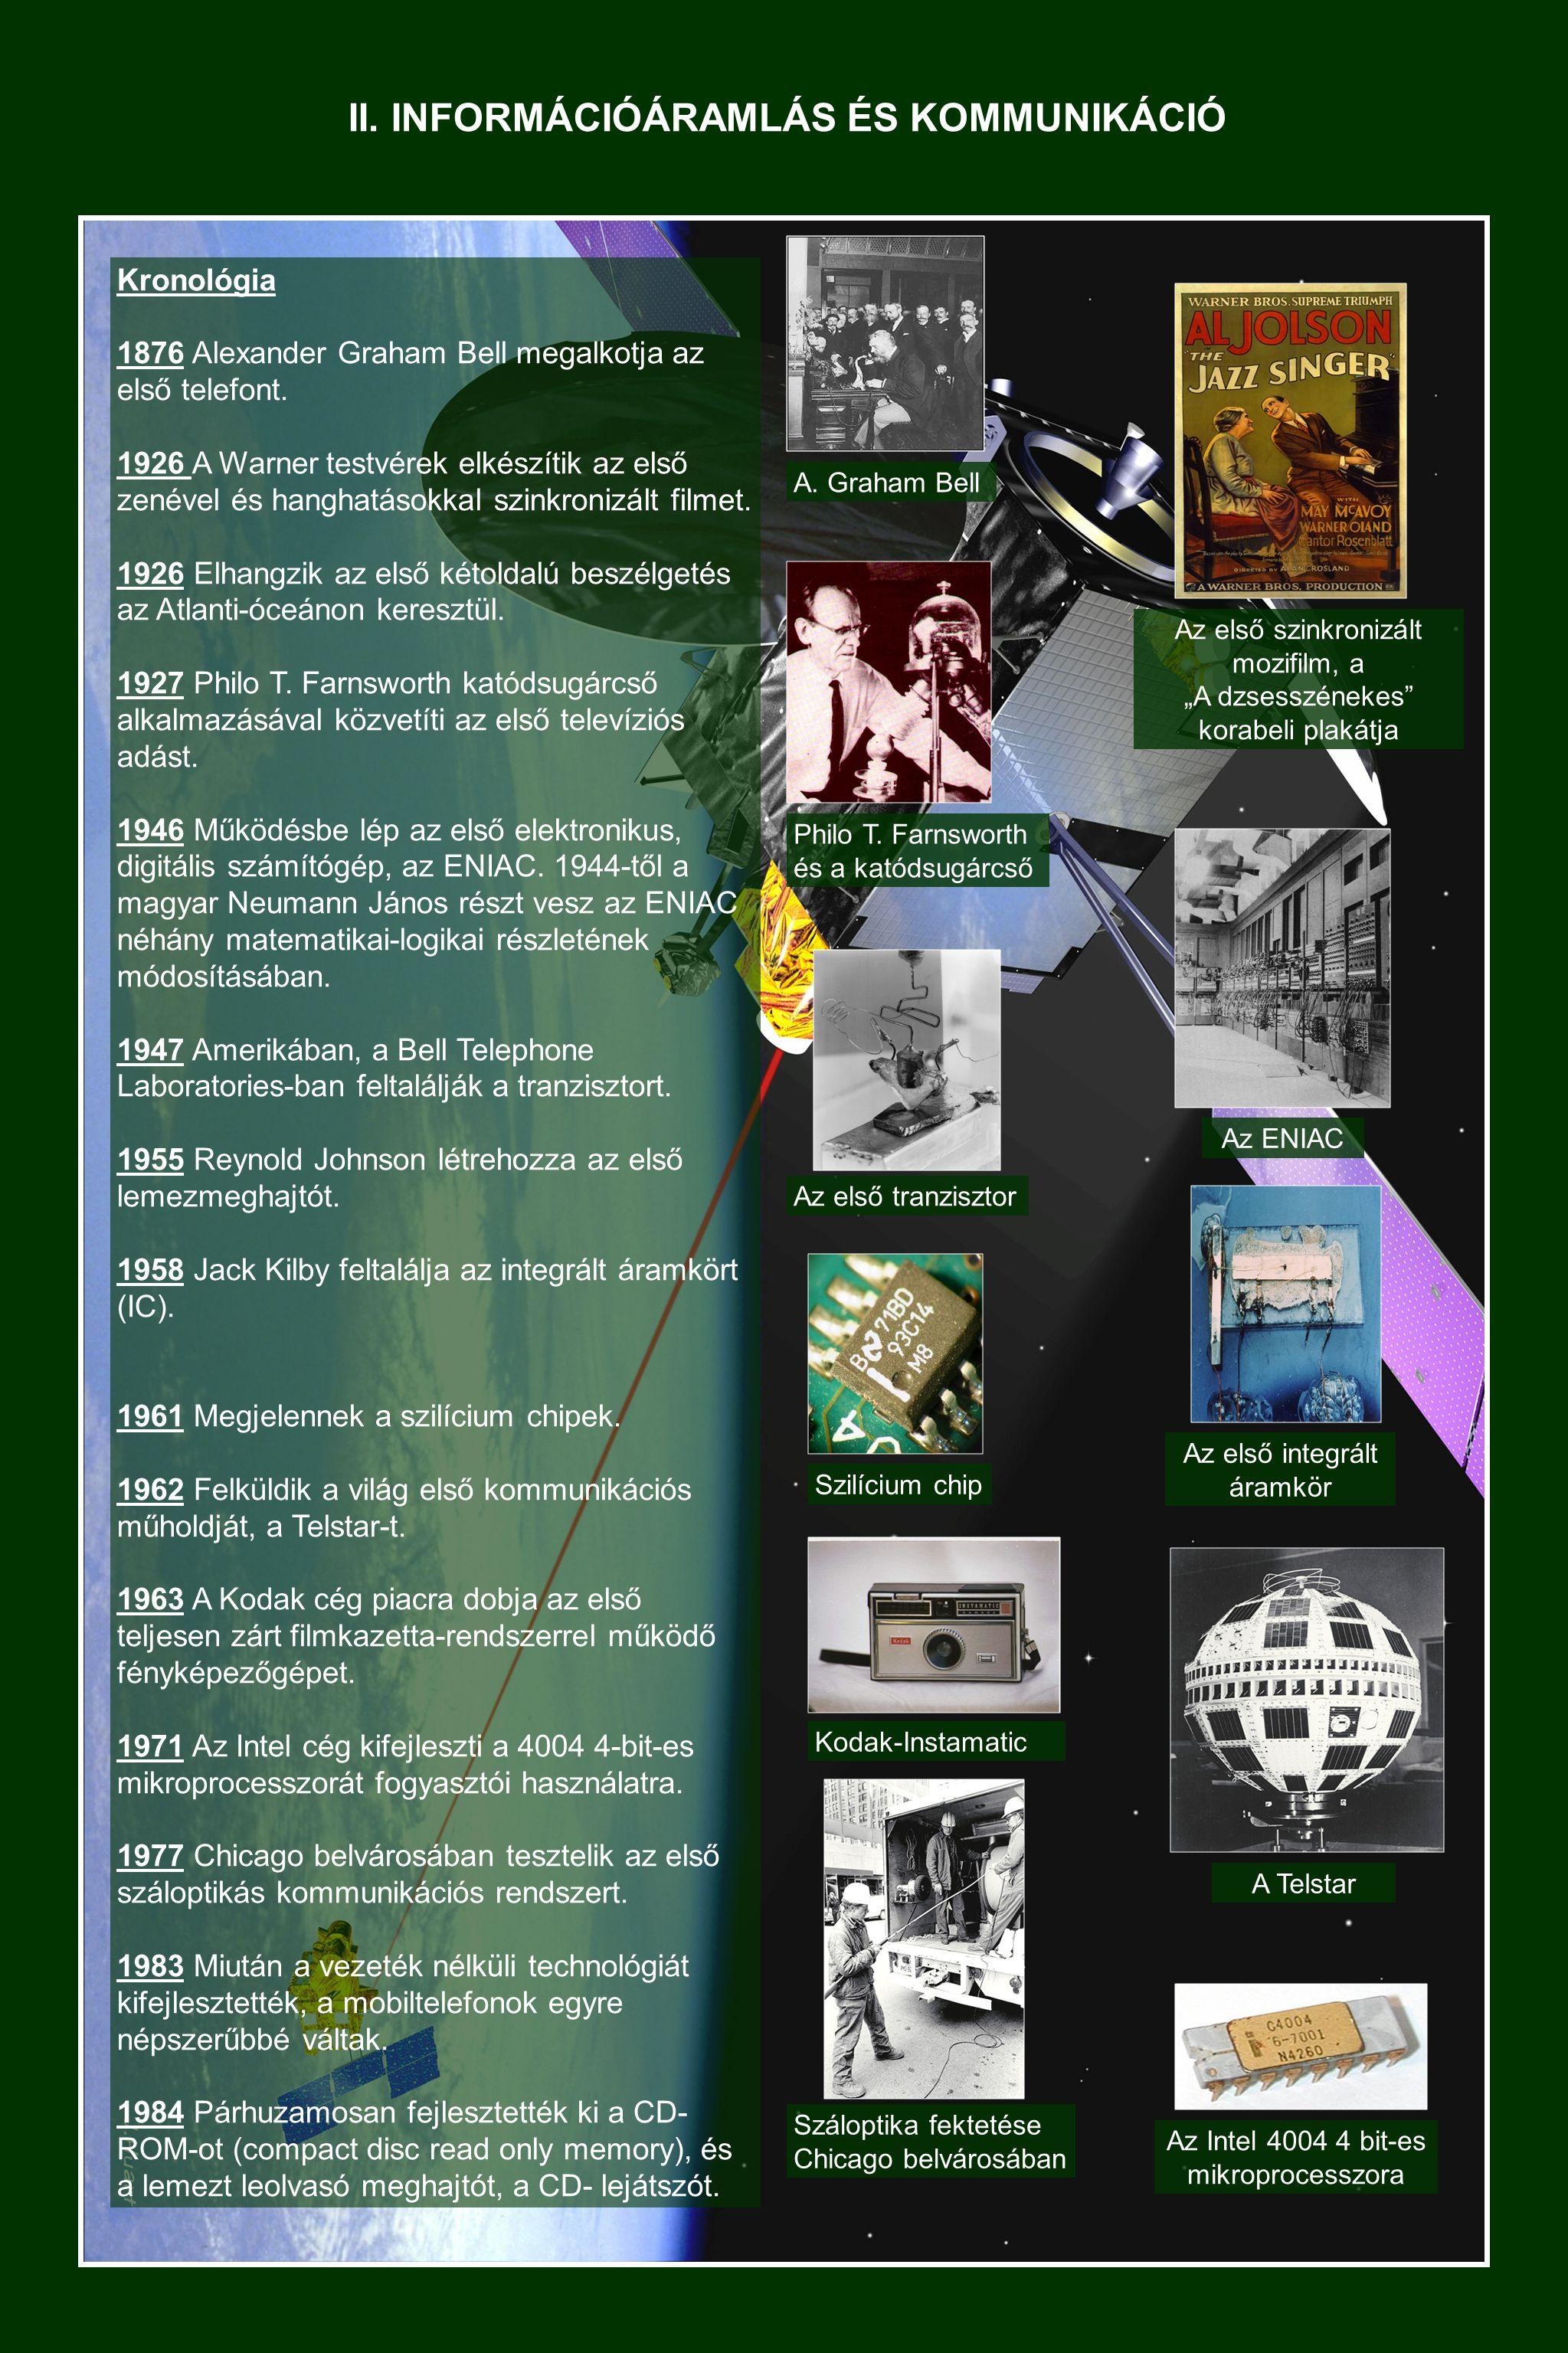 """II. INFORMÁCIÓÁRAMLÁS ÉS KOMMUNIKÁCIÓ A. Graham Bell Az első szinkronizált mozifilm, a """"A dzsesszénekes"""" korabeli plakátja Philo T. Farnsworth és a ka"""